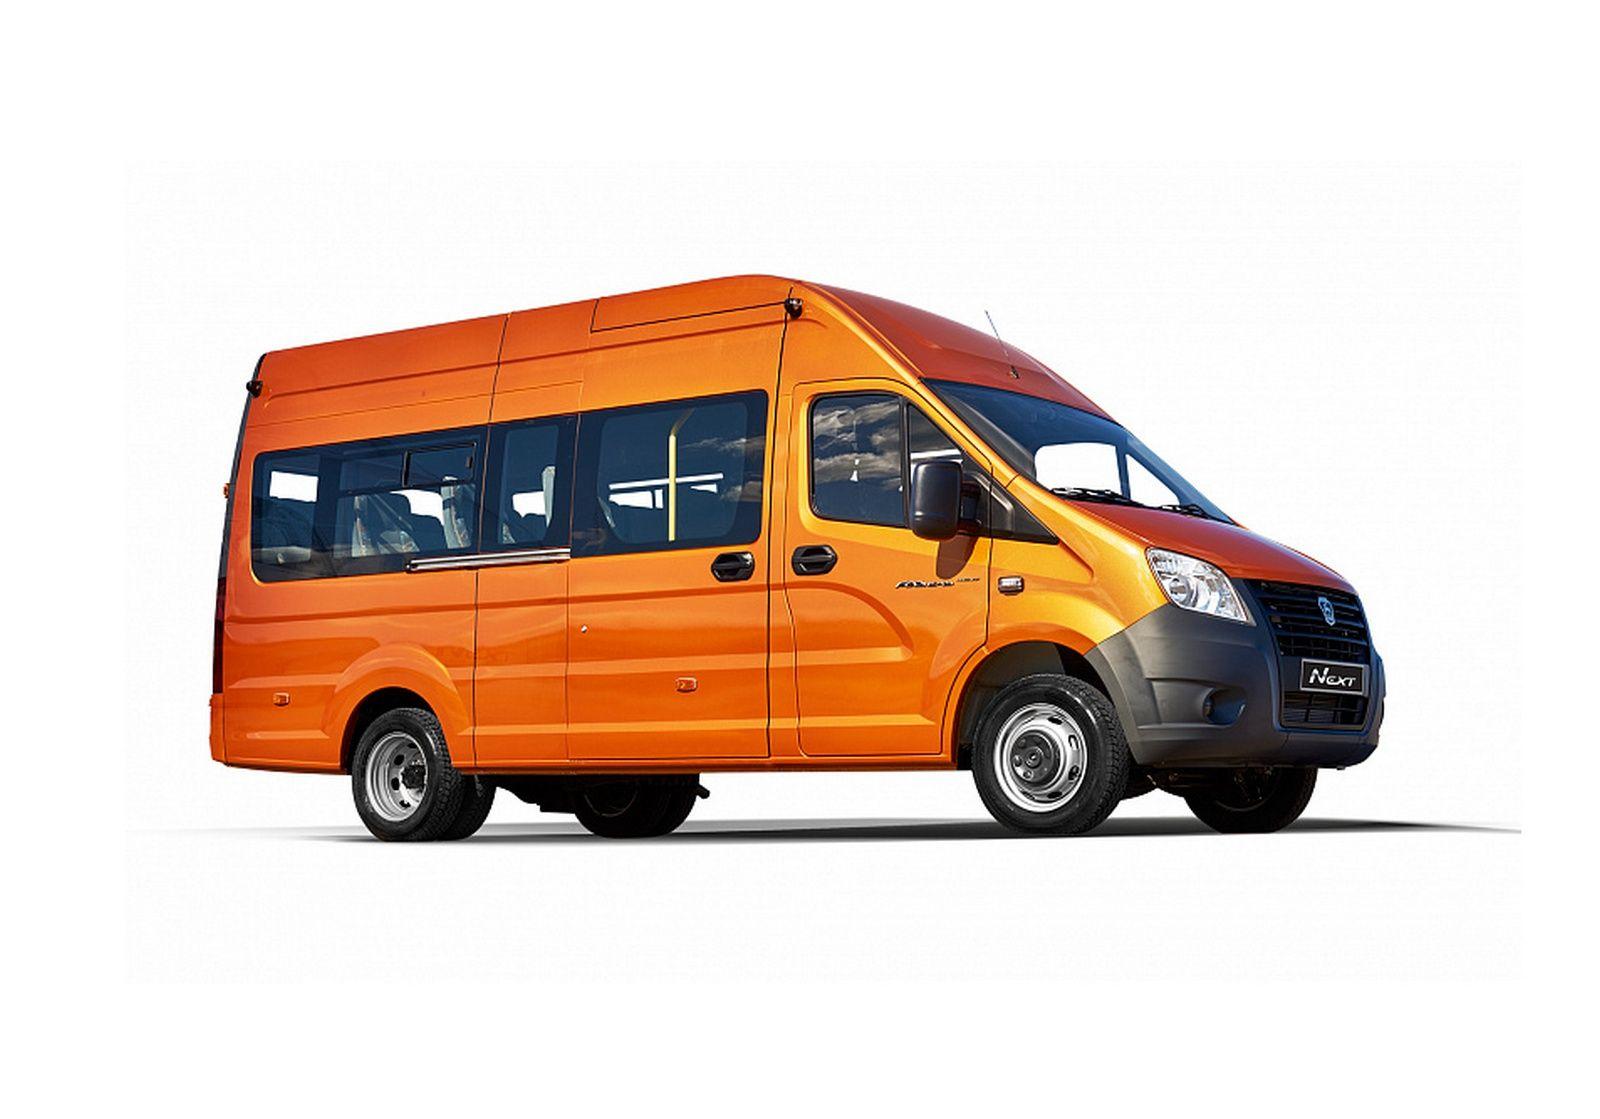 ГАЗель Next новое поколение микроавтобуса